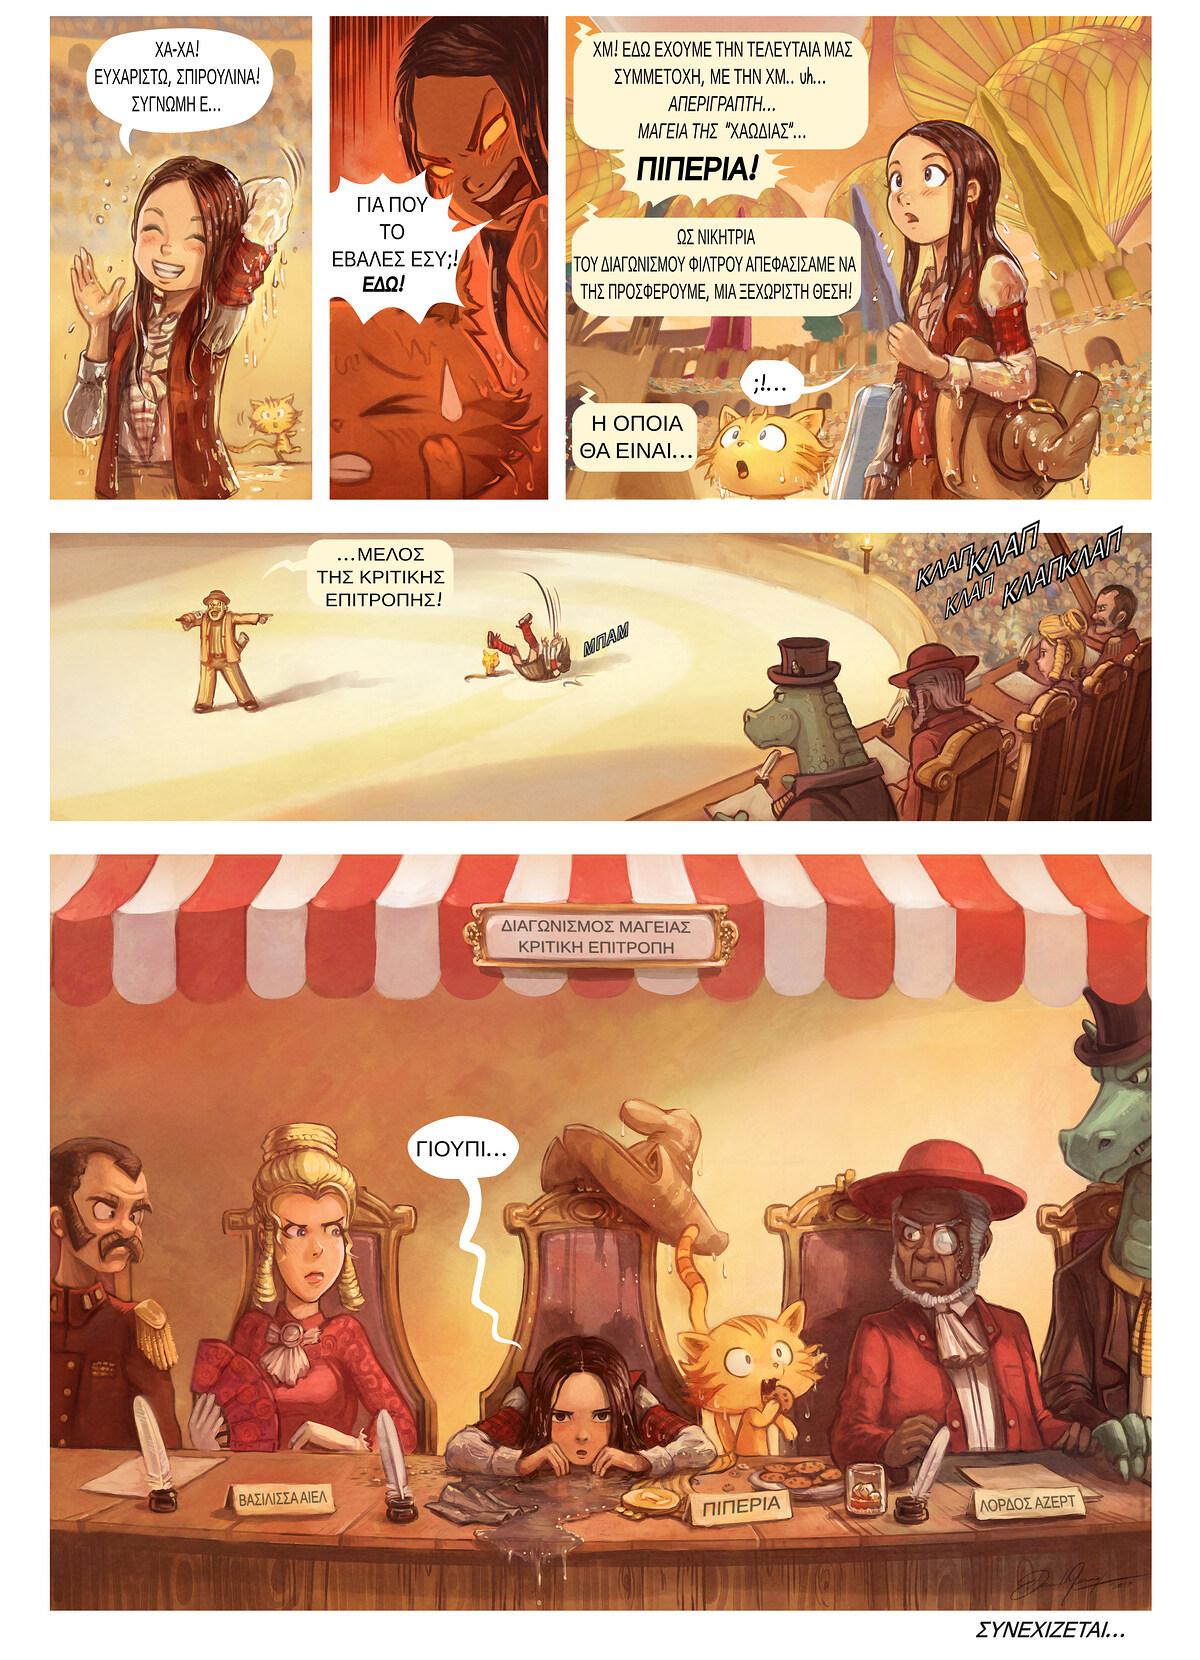 Επεισόδιο 21: Ο διαγωνισμός μαγείας, Page 7